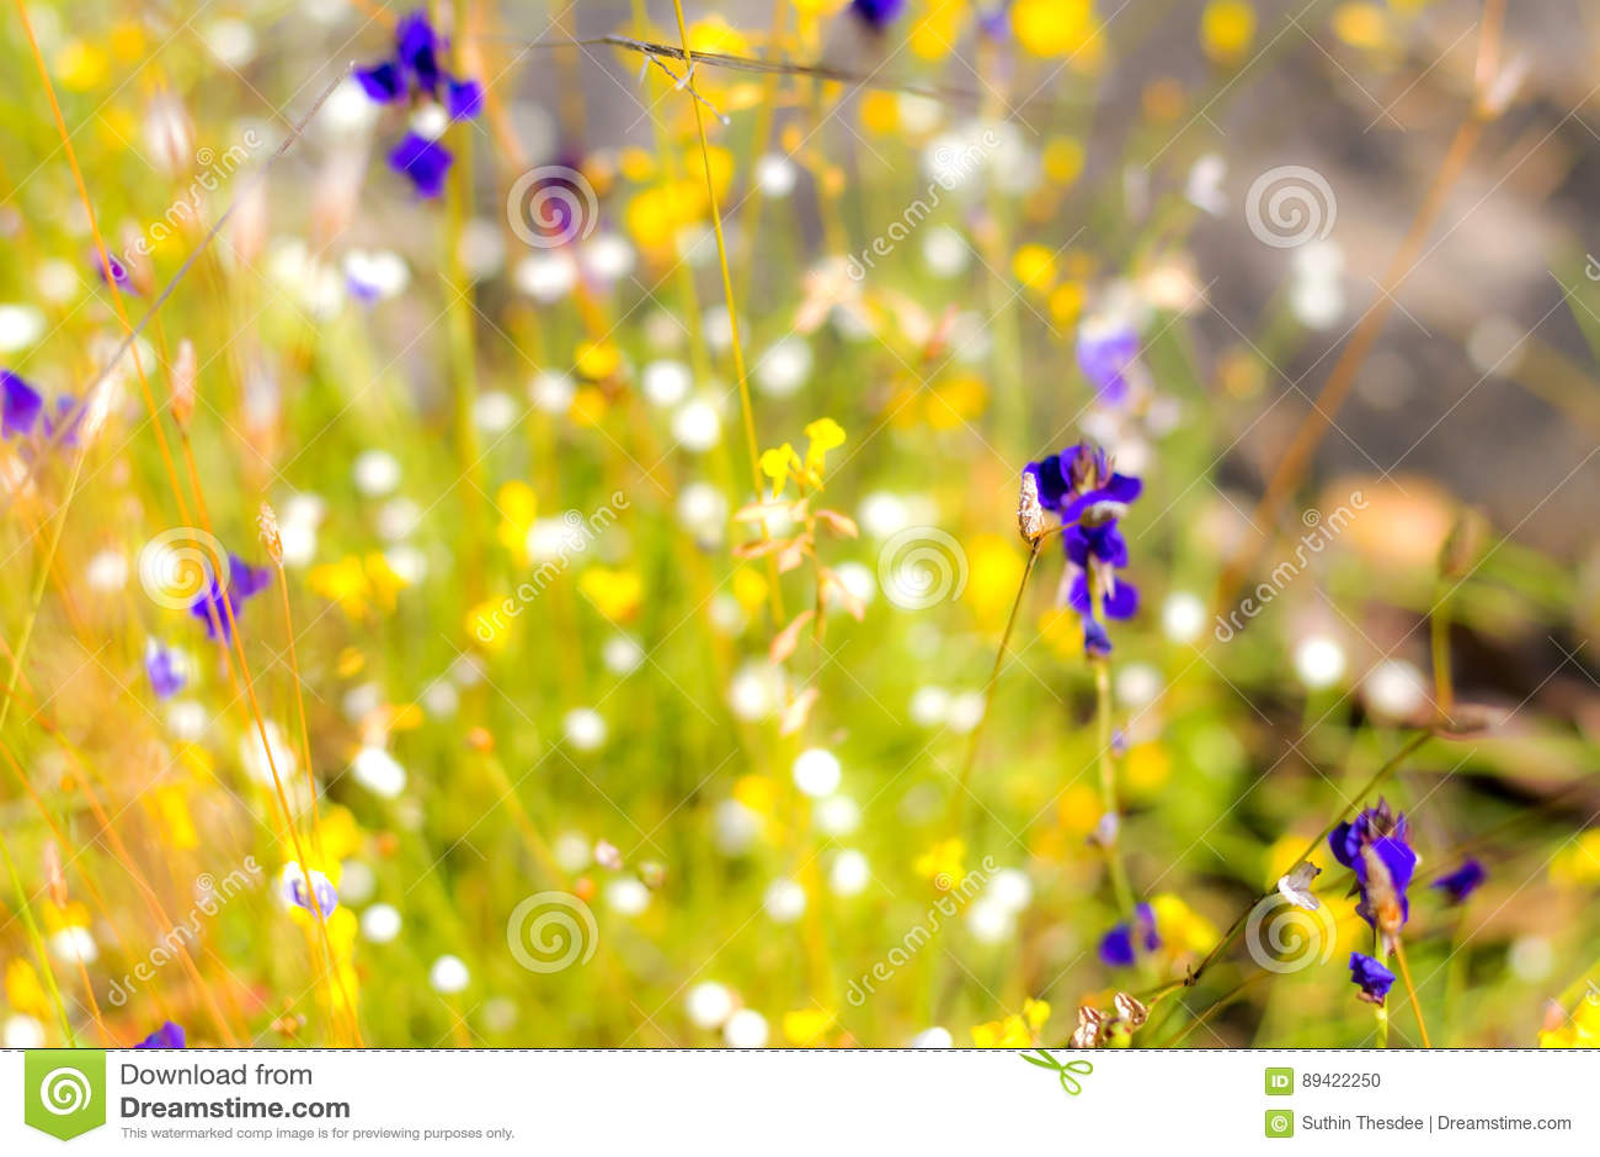 Utricularia da flor exterior